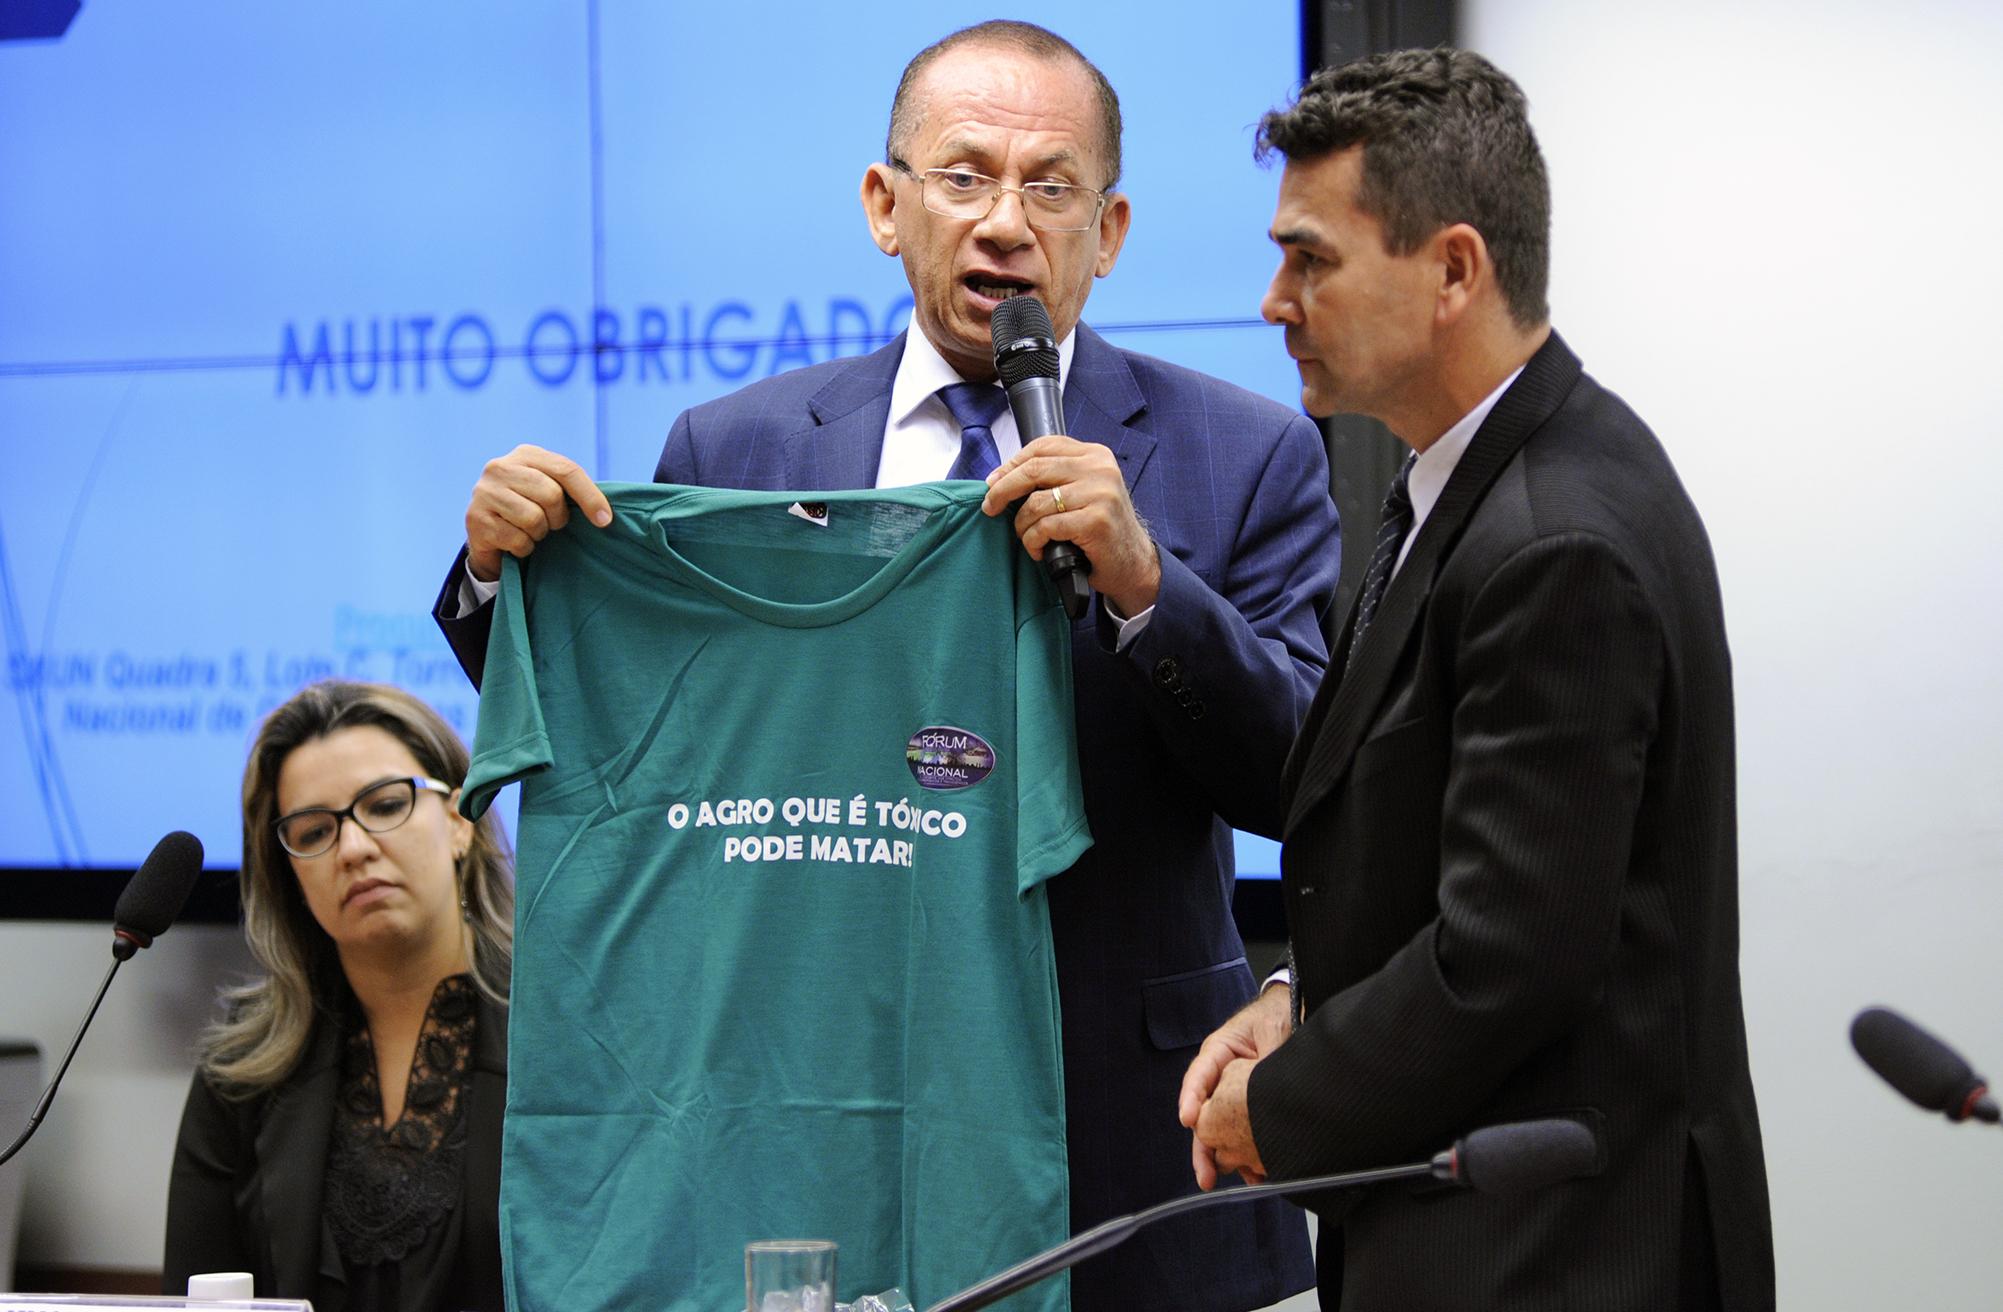 Audiência pública sobre os impactos do uso de agrotóxicos na saúde humana. Procurador Regional do Trabalho da 6° Região, Pedro Luiz Gonçalves Serafim